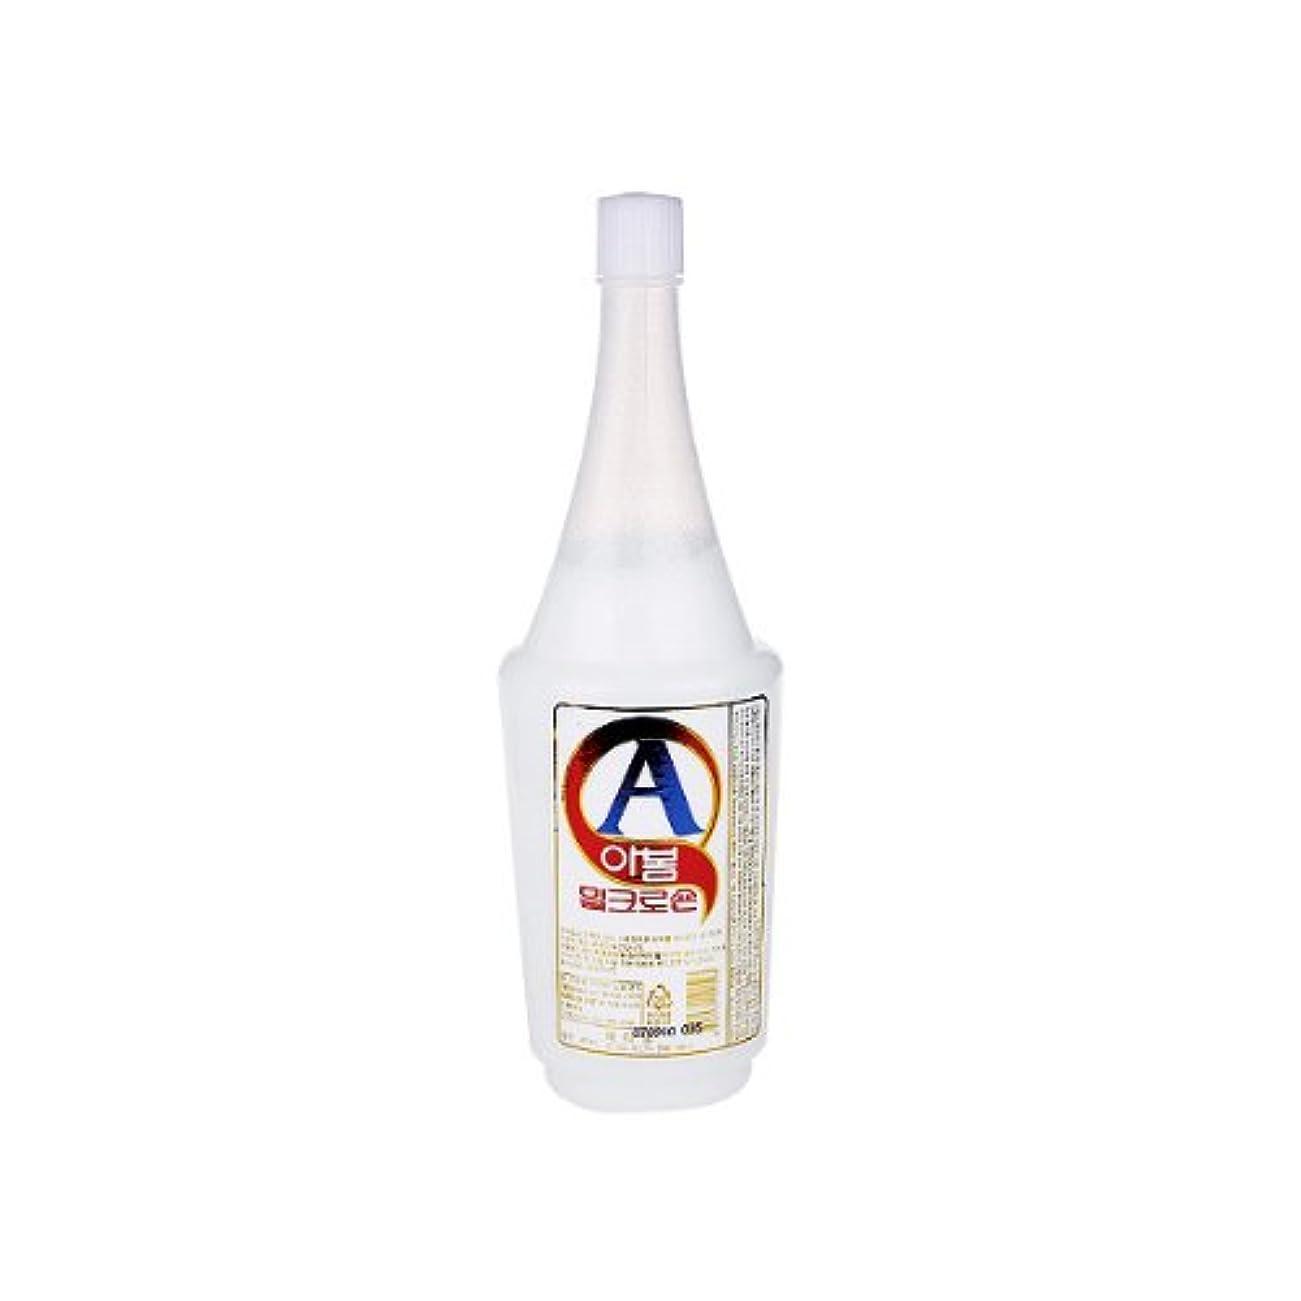 制限組立売上高アボム ミルクローション 450ml マッサージ用 乳液 業務用